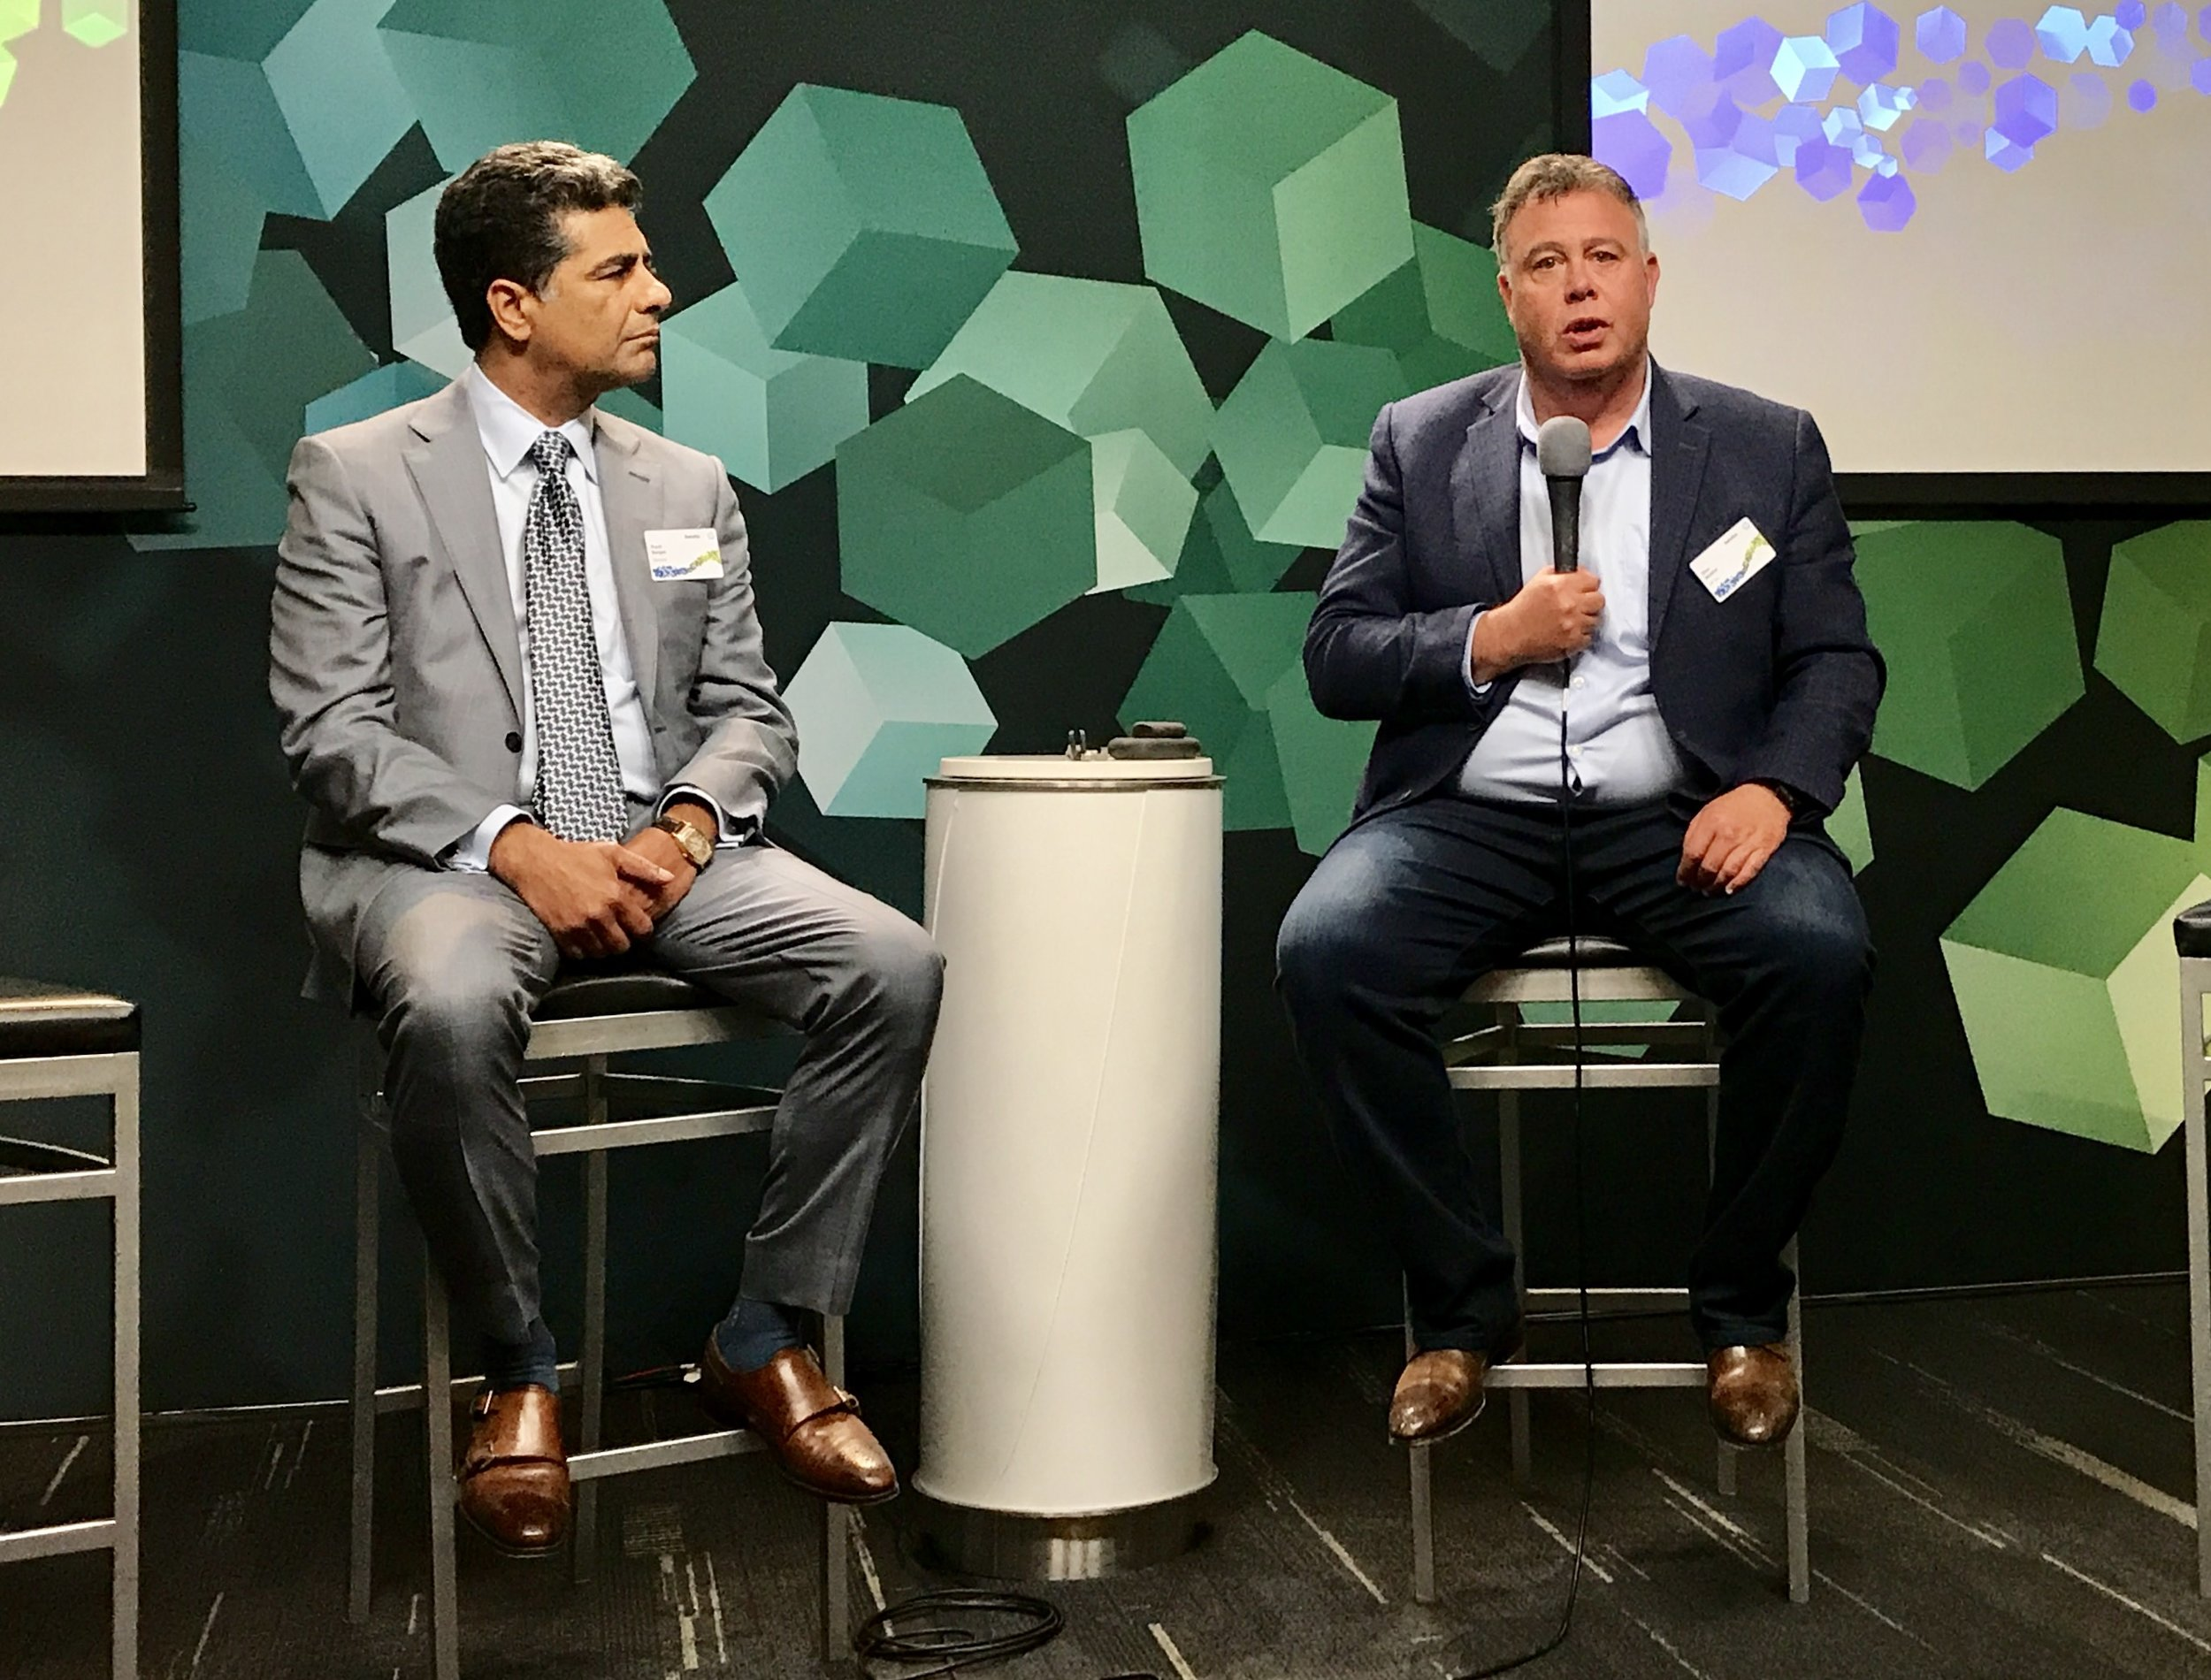 Deloitte CEO Punit Renjen talks with HP CEO Dion Weisler